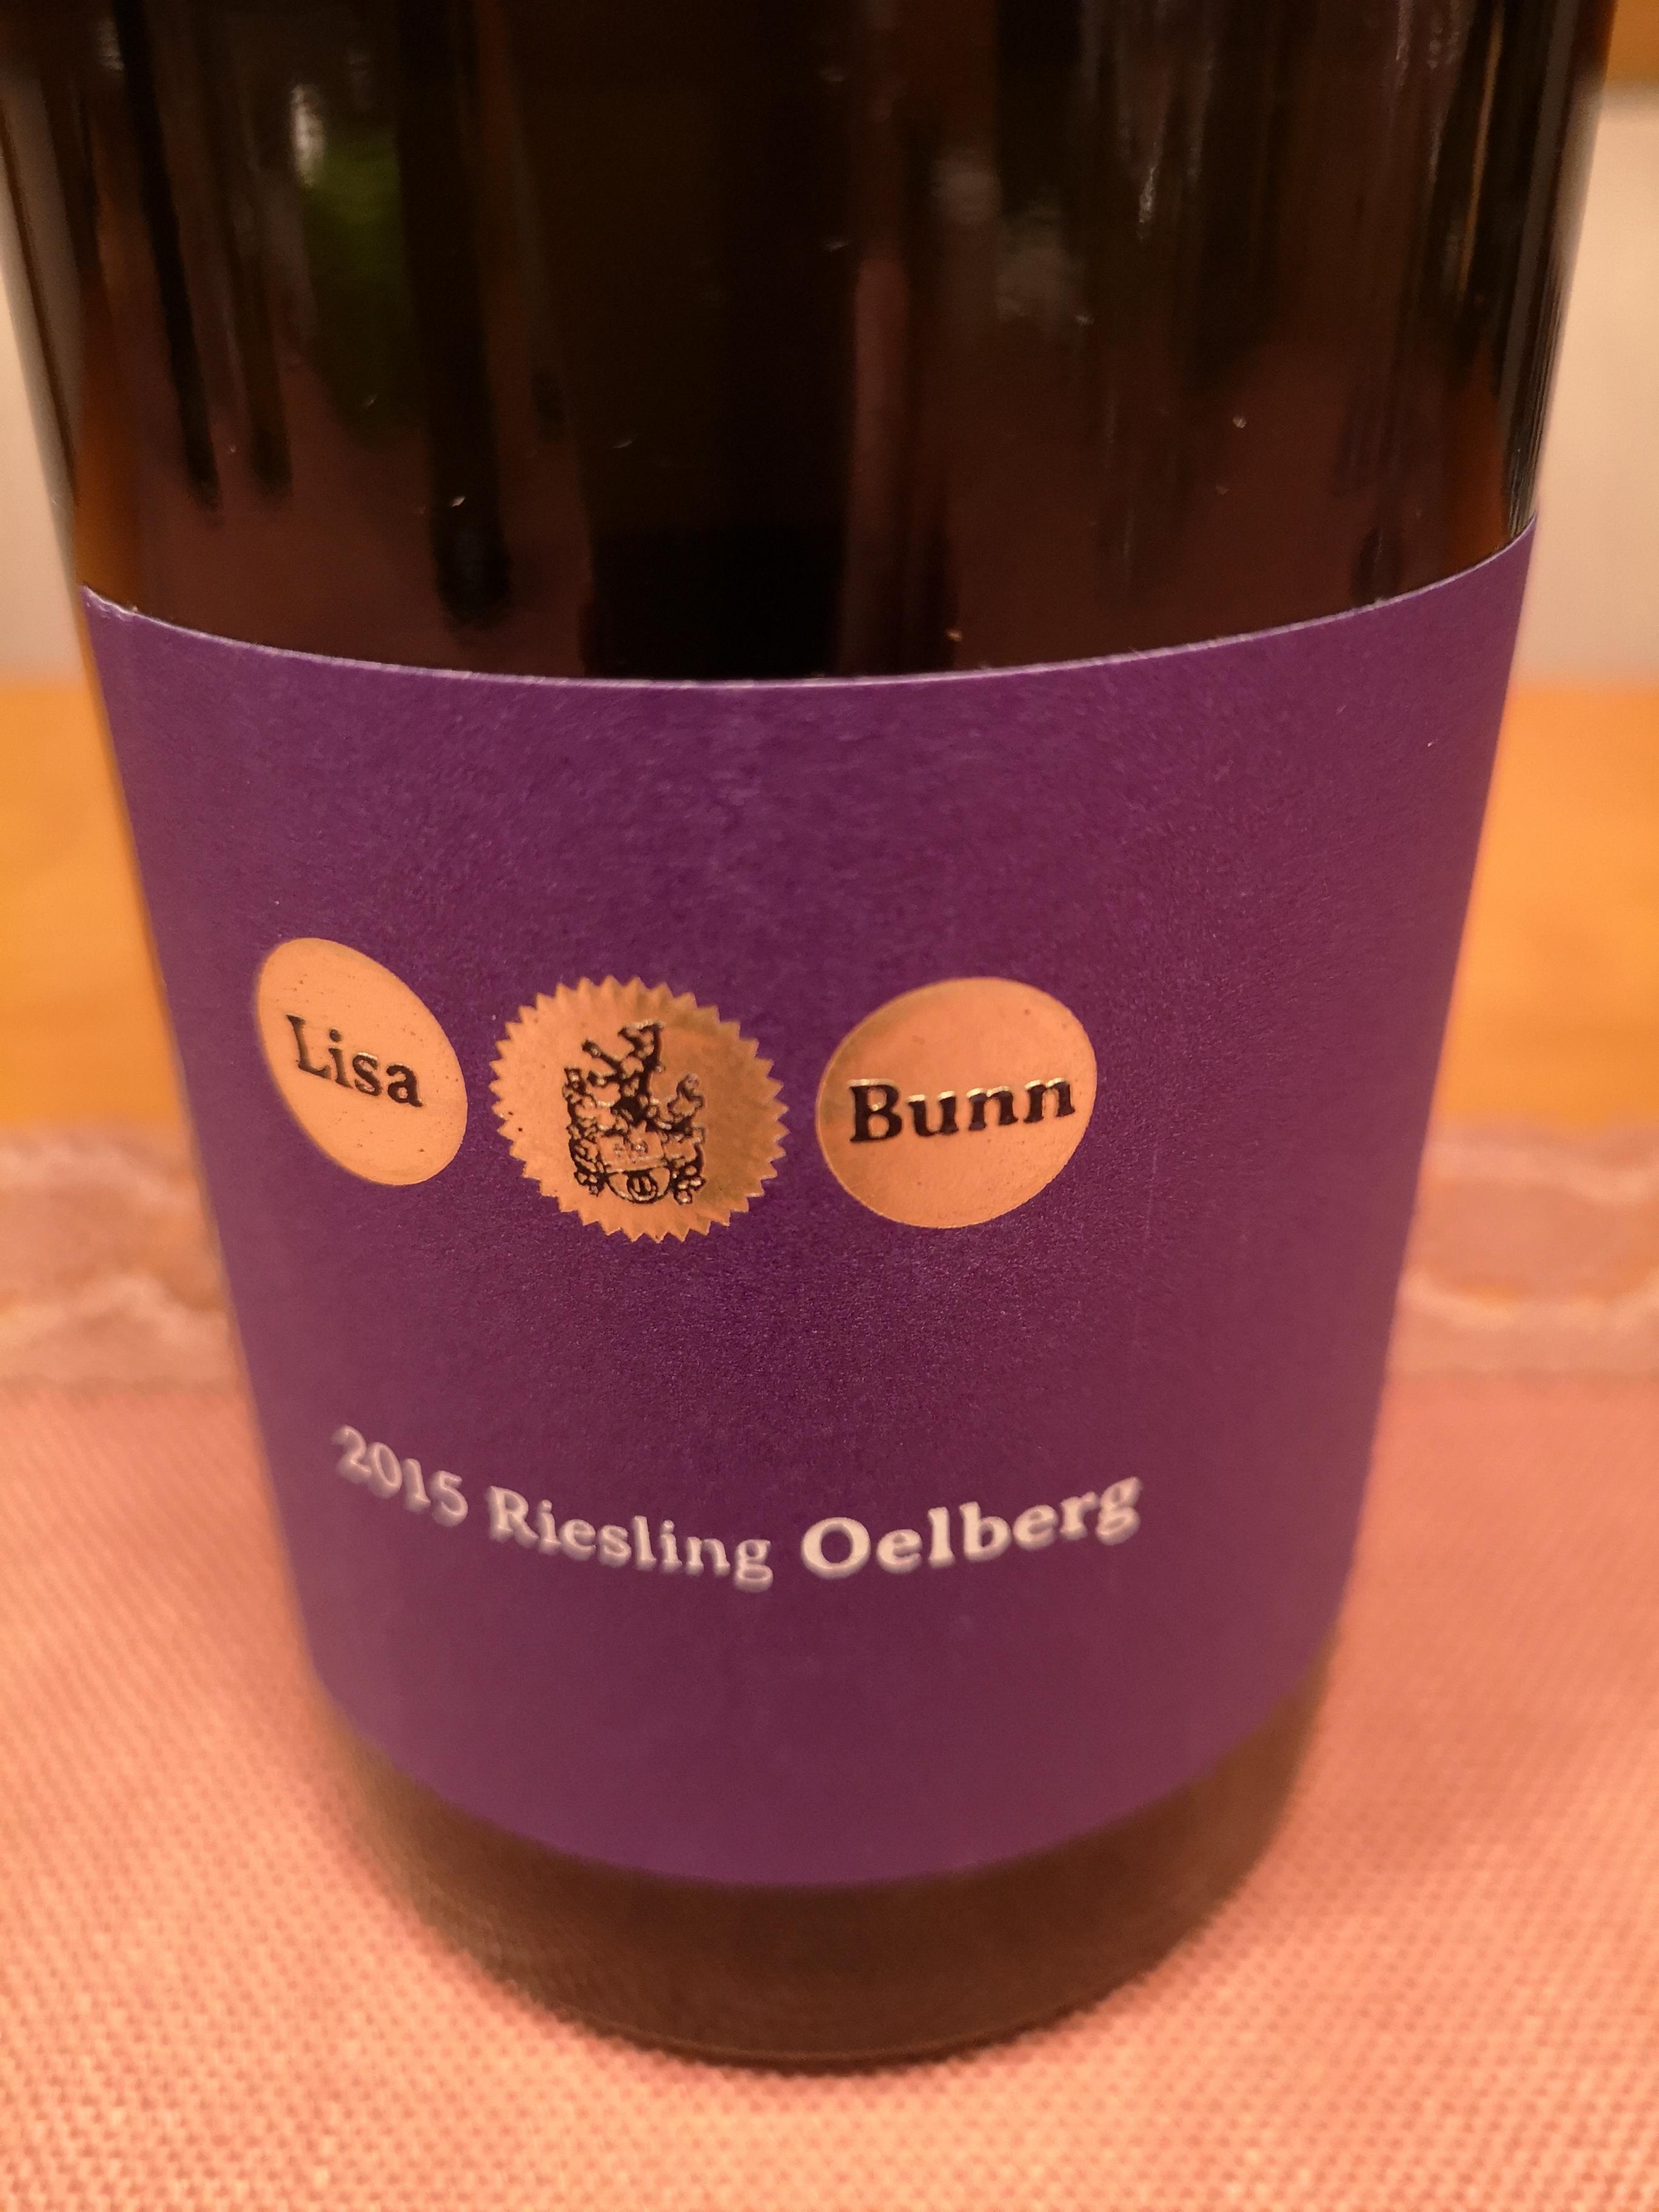 2015 Riesling Oelberg   Lisa Bunn